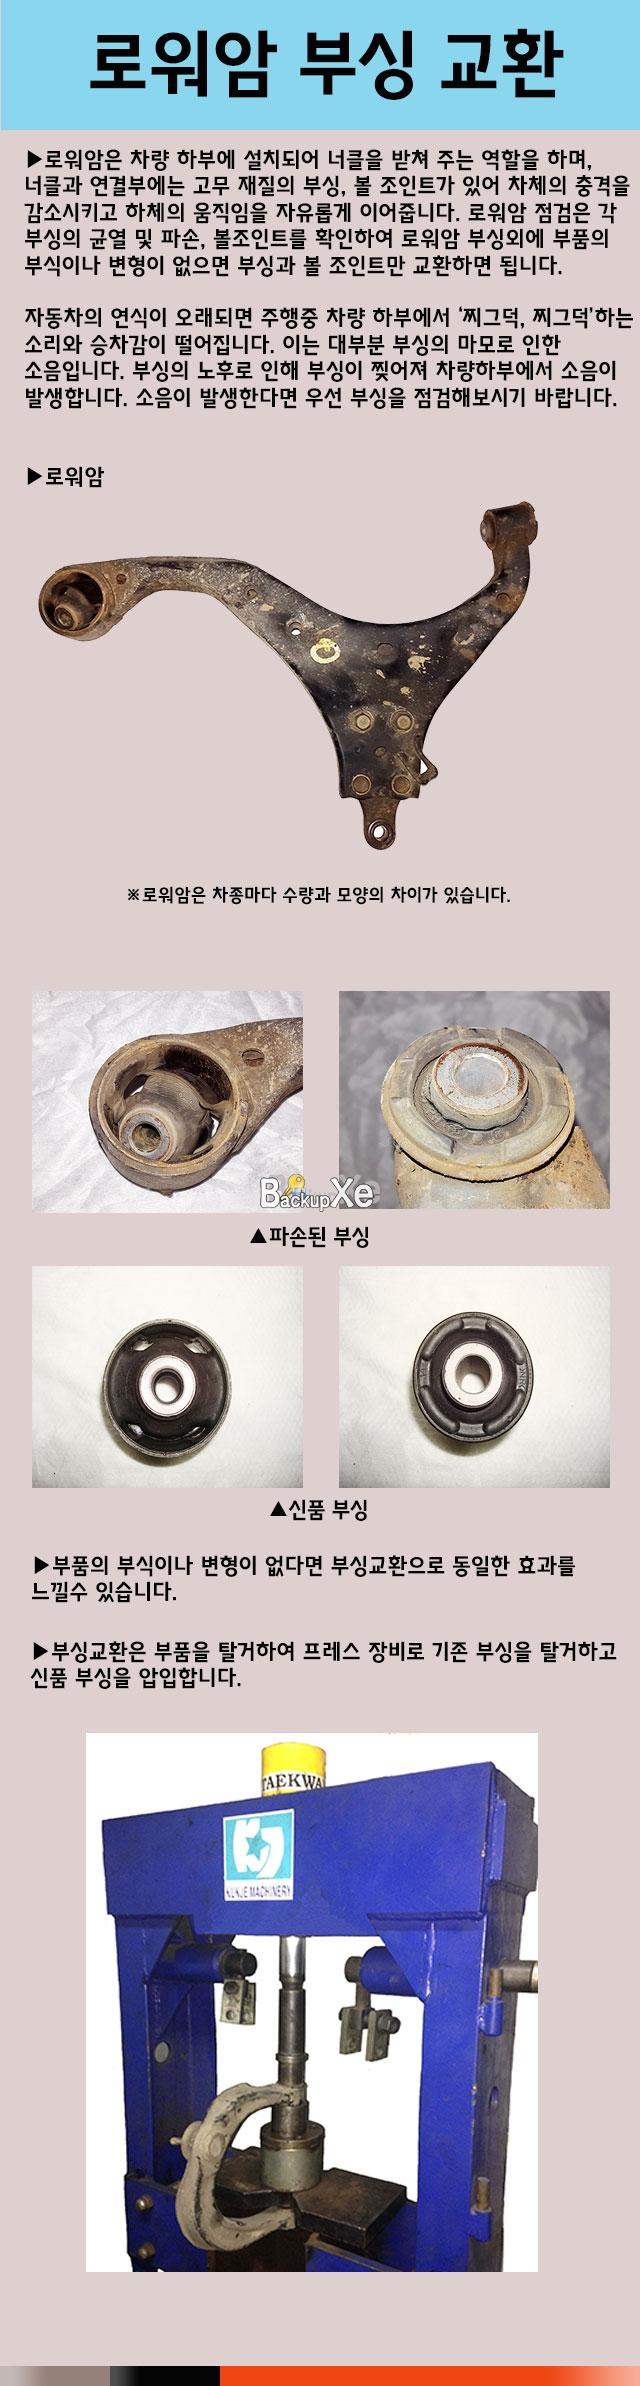 로워암부싱-최종.jpg